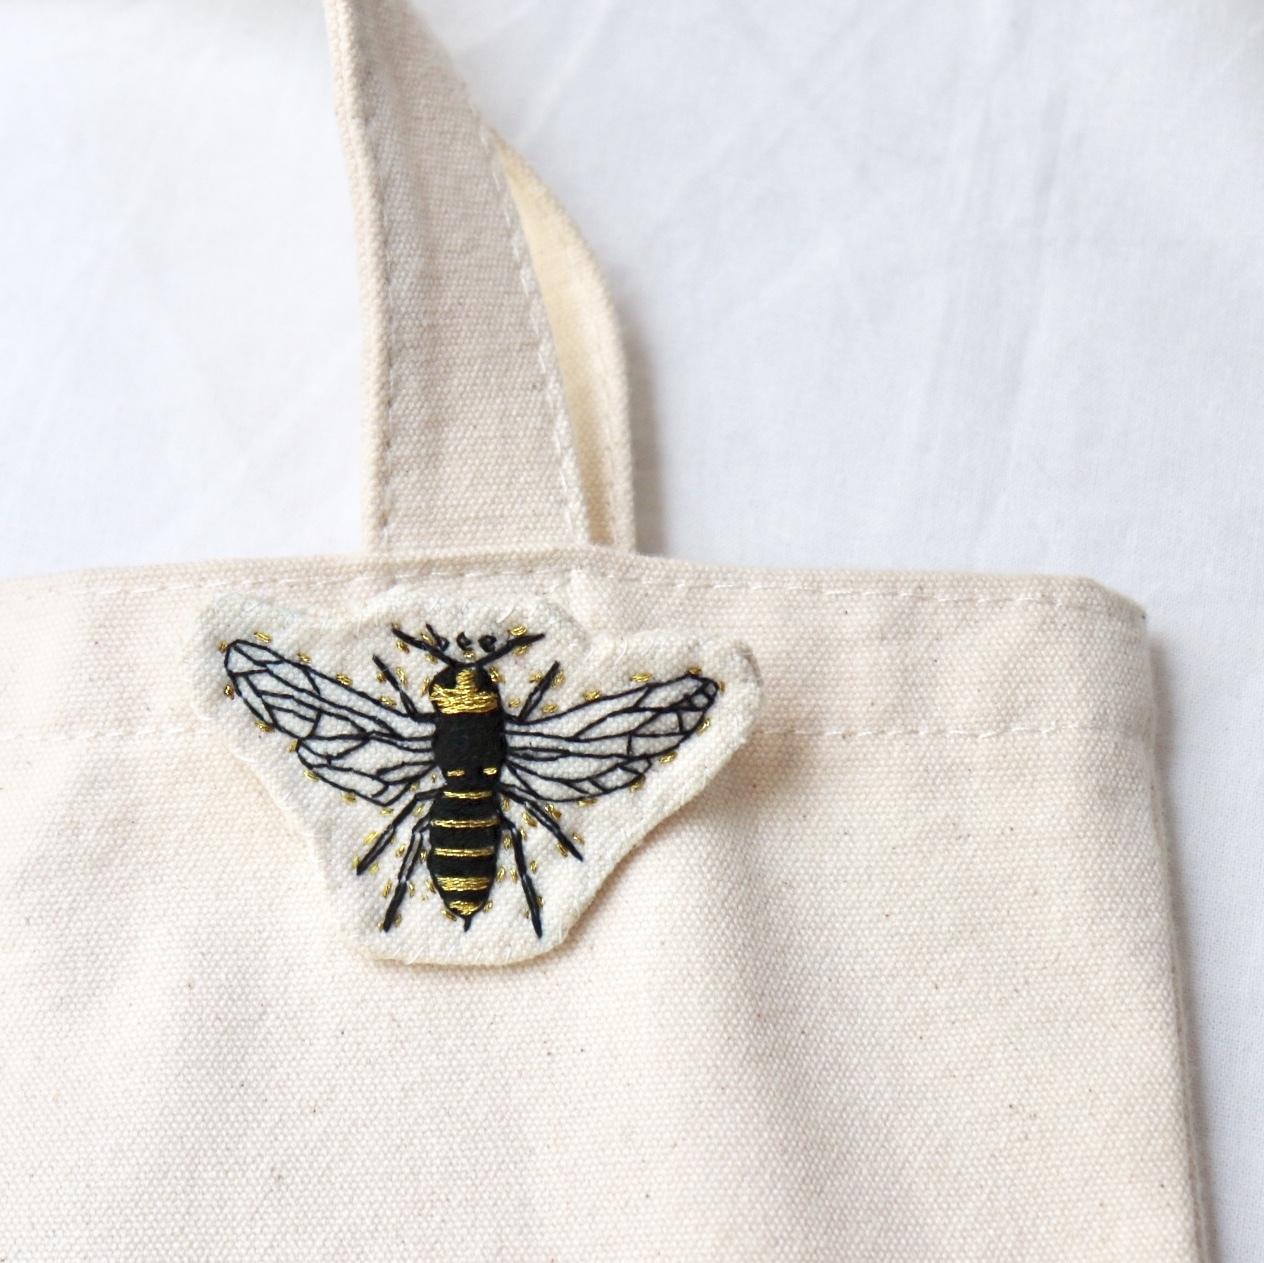 蜂のハンドメイド刺繍ブローチ